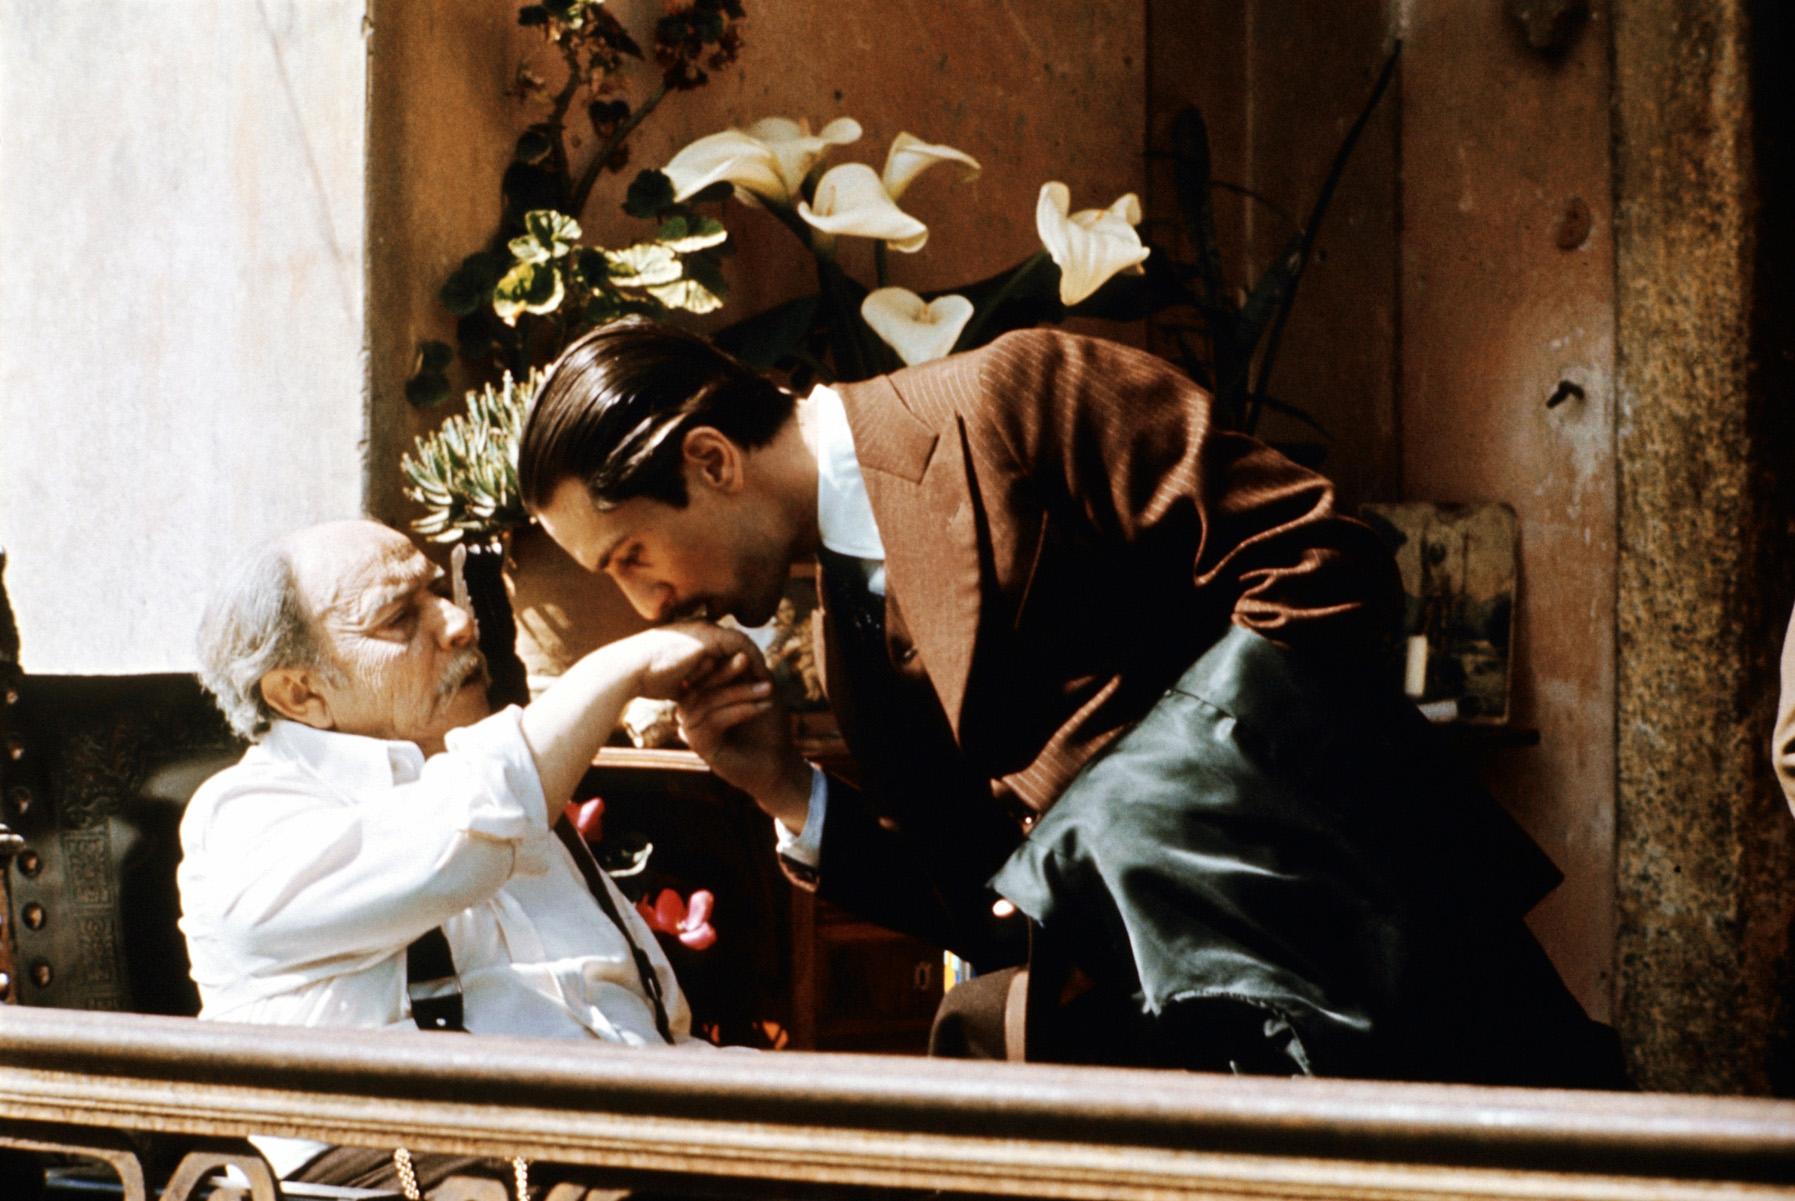 """Don Vito Corleone (Robert De Niro, re.) © Paramount Pictures Foto: ARTE France Honorarfreie Verwendung nur im Zusammenhang mit genannter Sendung und bei folgender Nennung """"Bild: Sendeanstalt/Copyright"""". Andere Verwendungen nur nach vorheriger Absprache: ARTE-Bildredaktion, Silke Wšlk Tel.: +33 3 881 422 25, E-Mail: bildredaktion@arte.tv"""